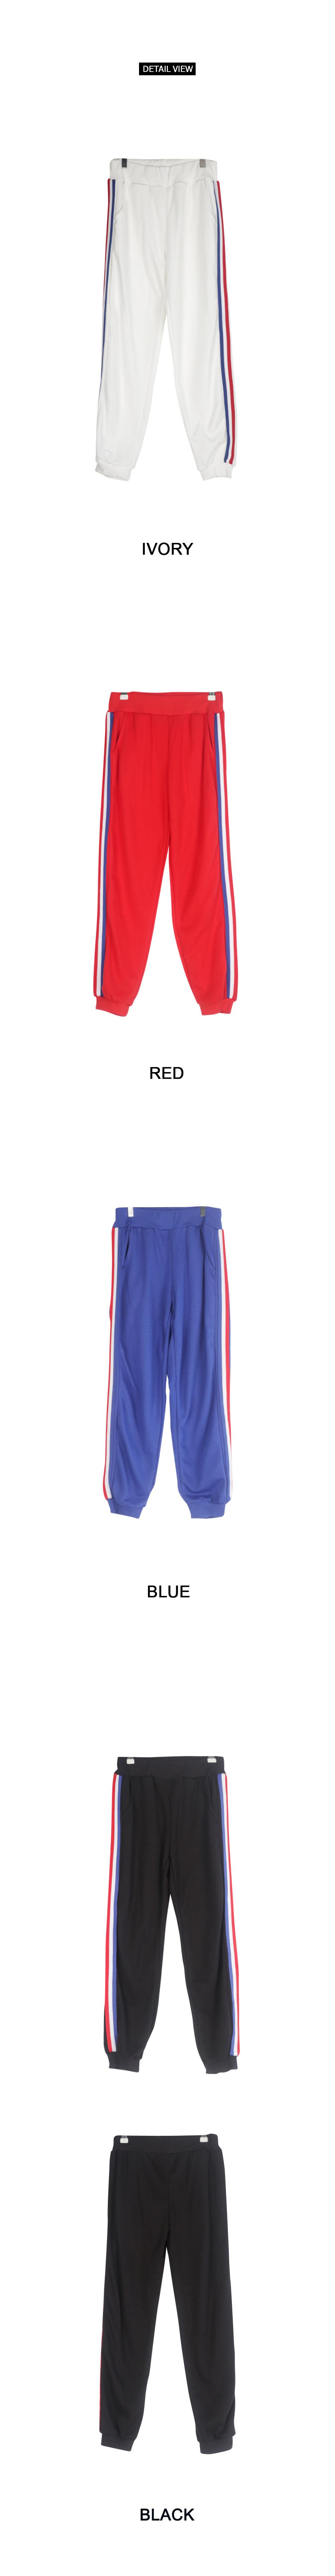 Tricolor line pants